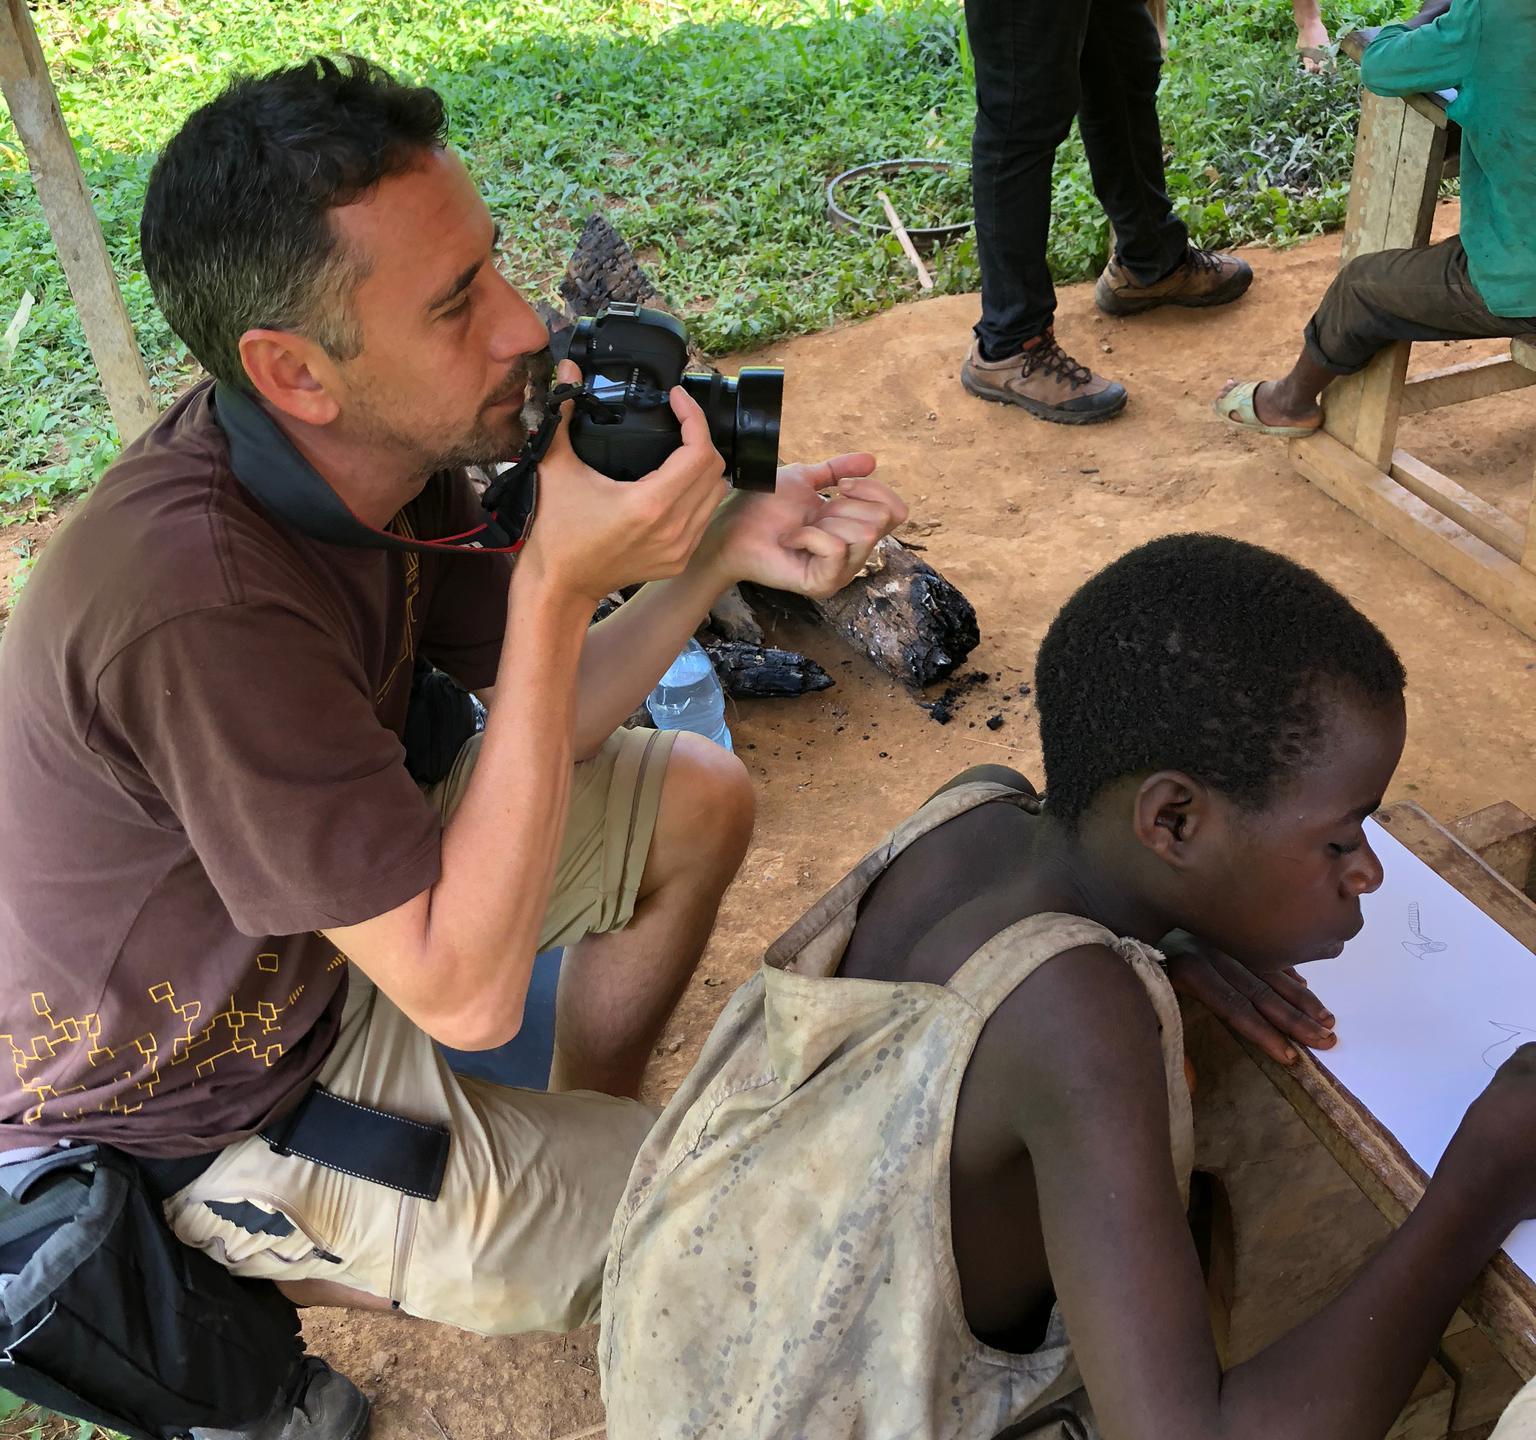 Kike Carbajal haciendo fotos para la próxima exposición sobre los Baka.